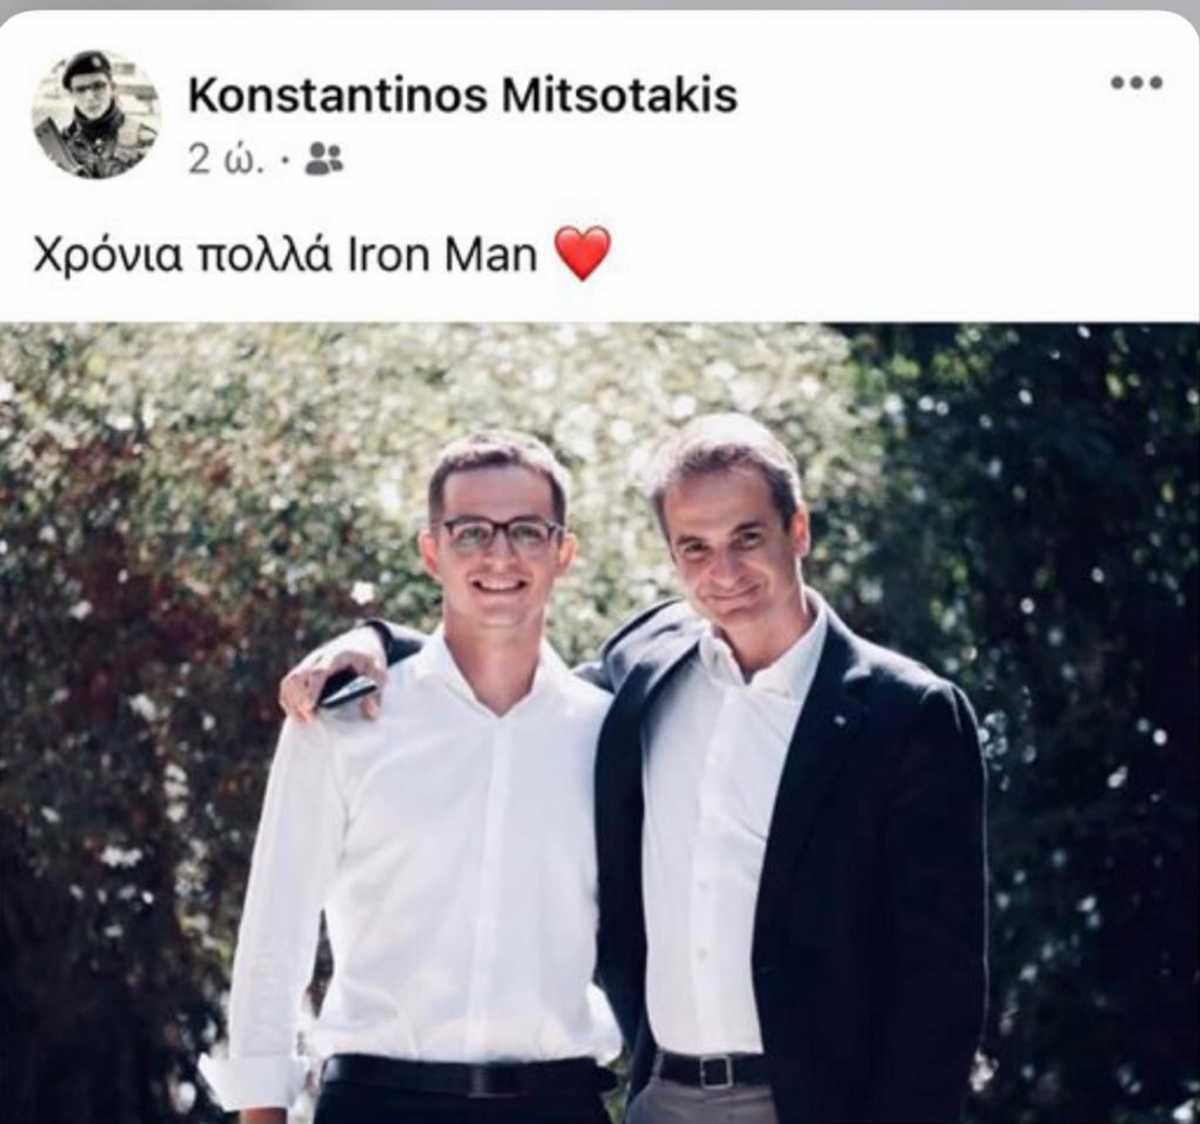 Χρόνια Πολλά Iron Man! Έτσι ευχήθηκε στον Κυριάκο Μητσοτάκη για τα γενέθλιά του ο γιος του Κωνσταντίνος